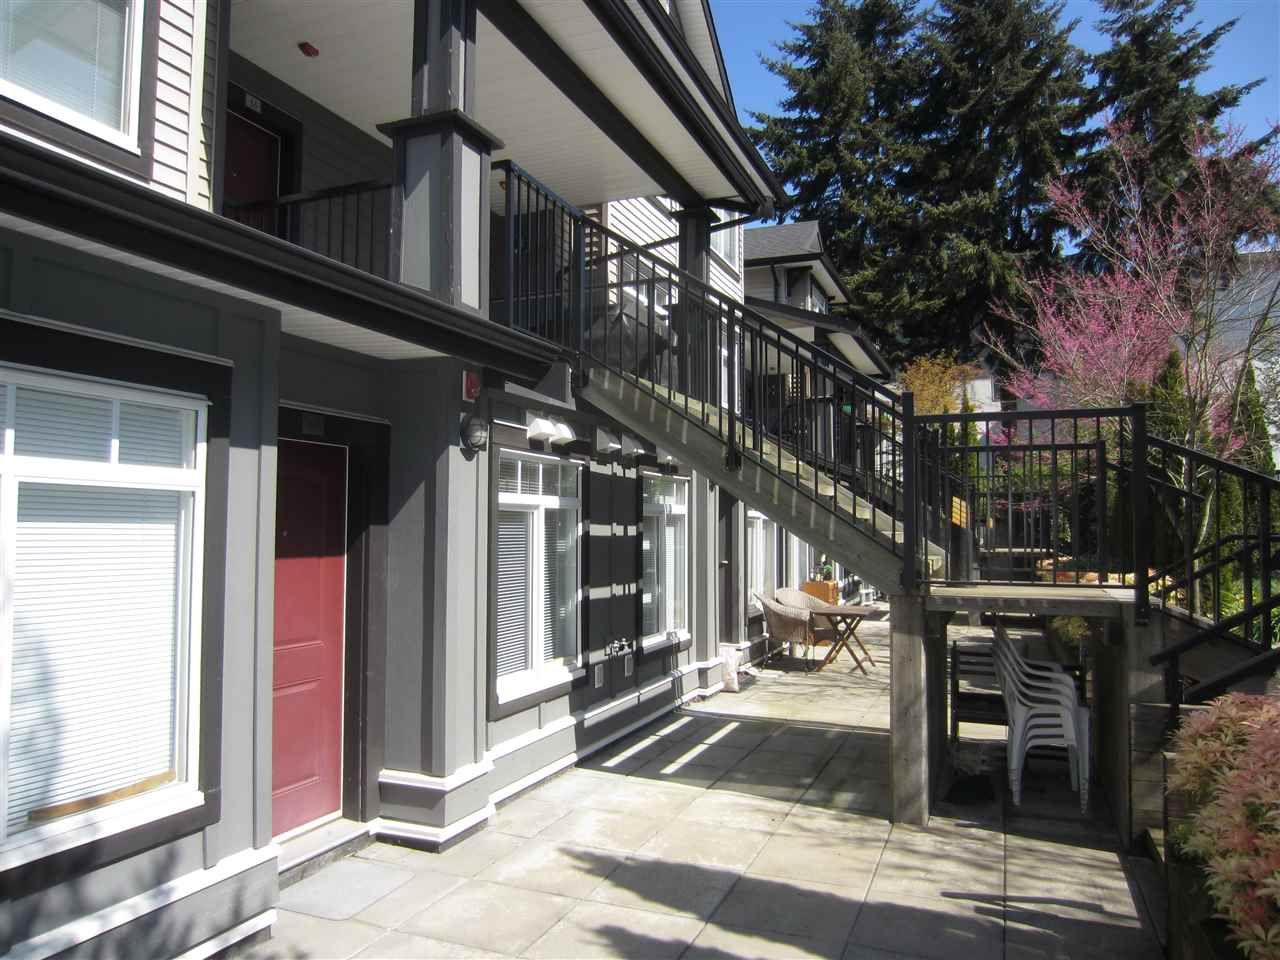 Main Photo: 49 7428 14TH AVENUE in : Edmonds BE Condo for sale : MLS®# R2055815